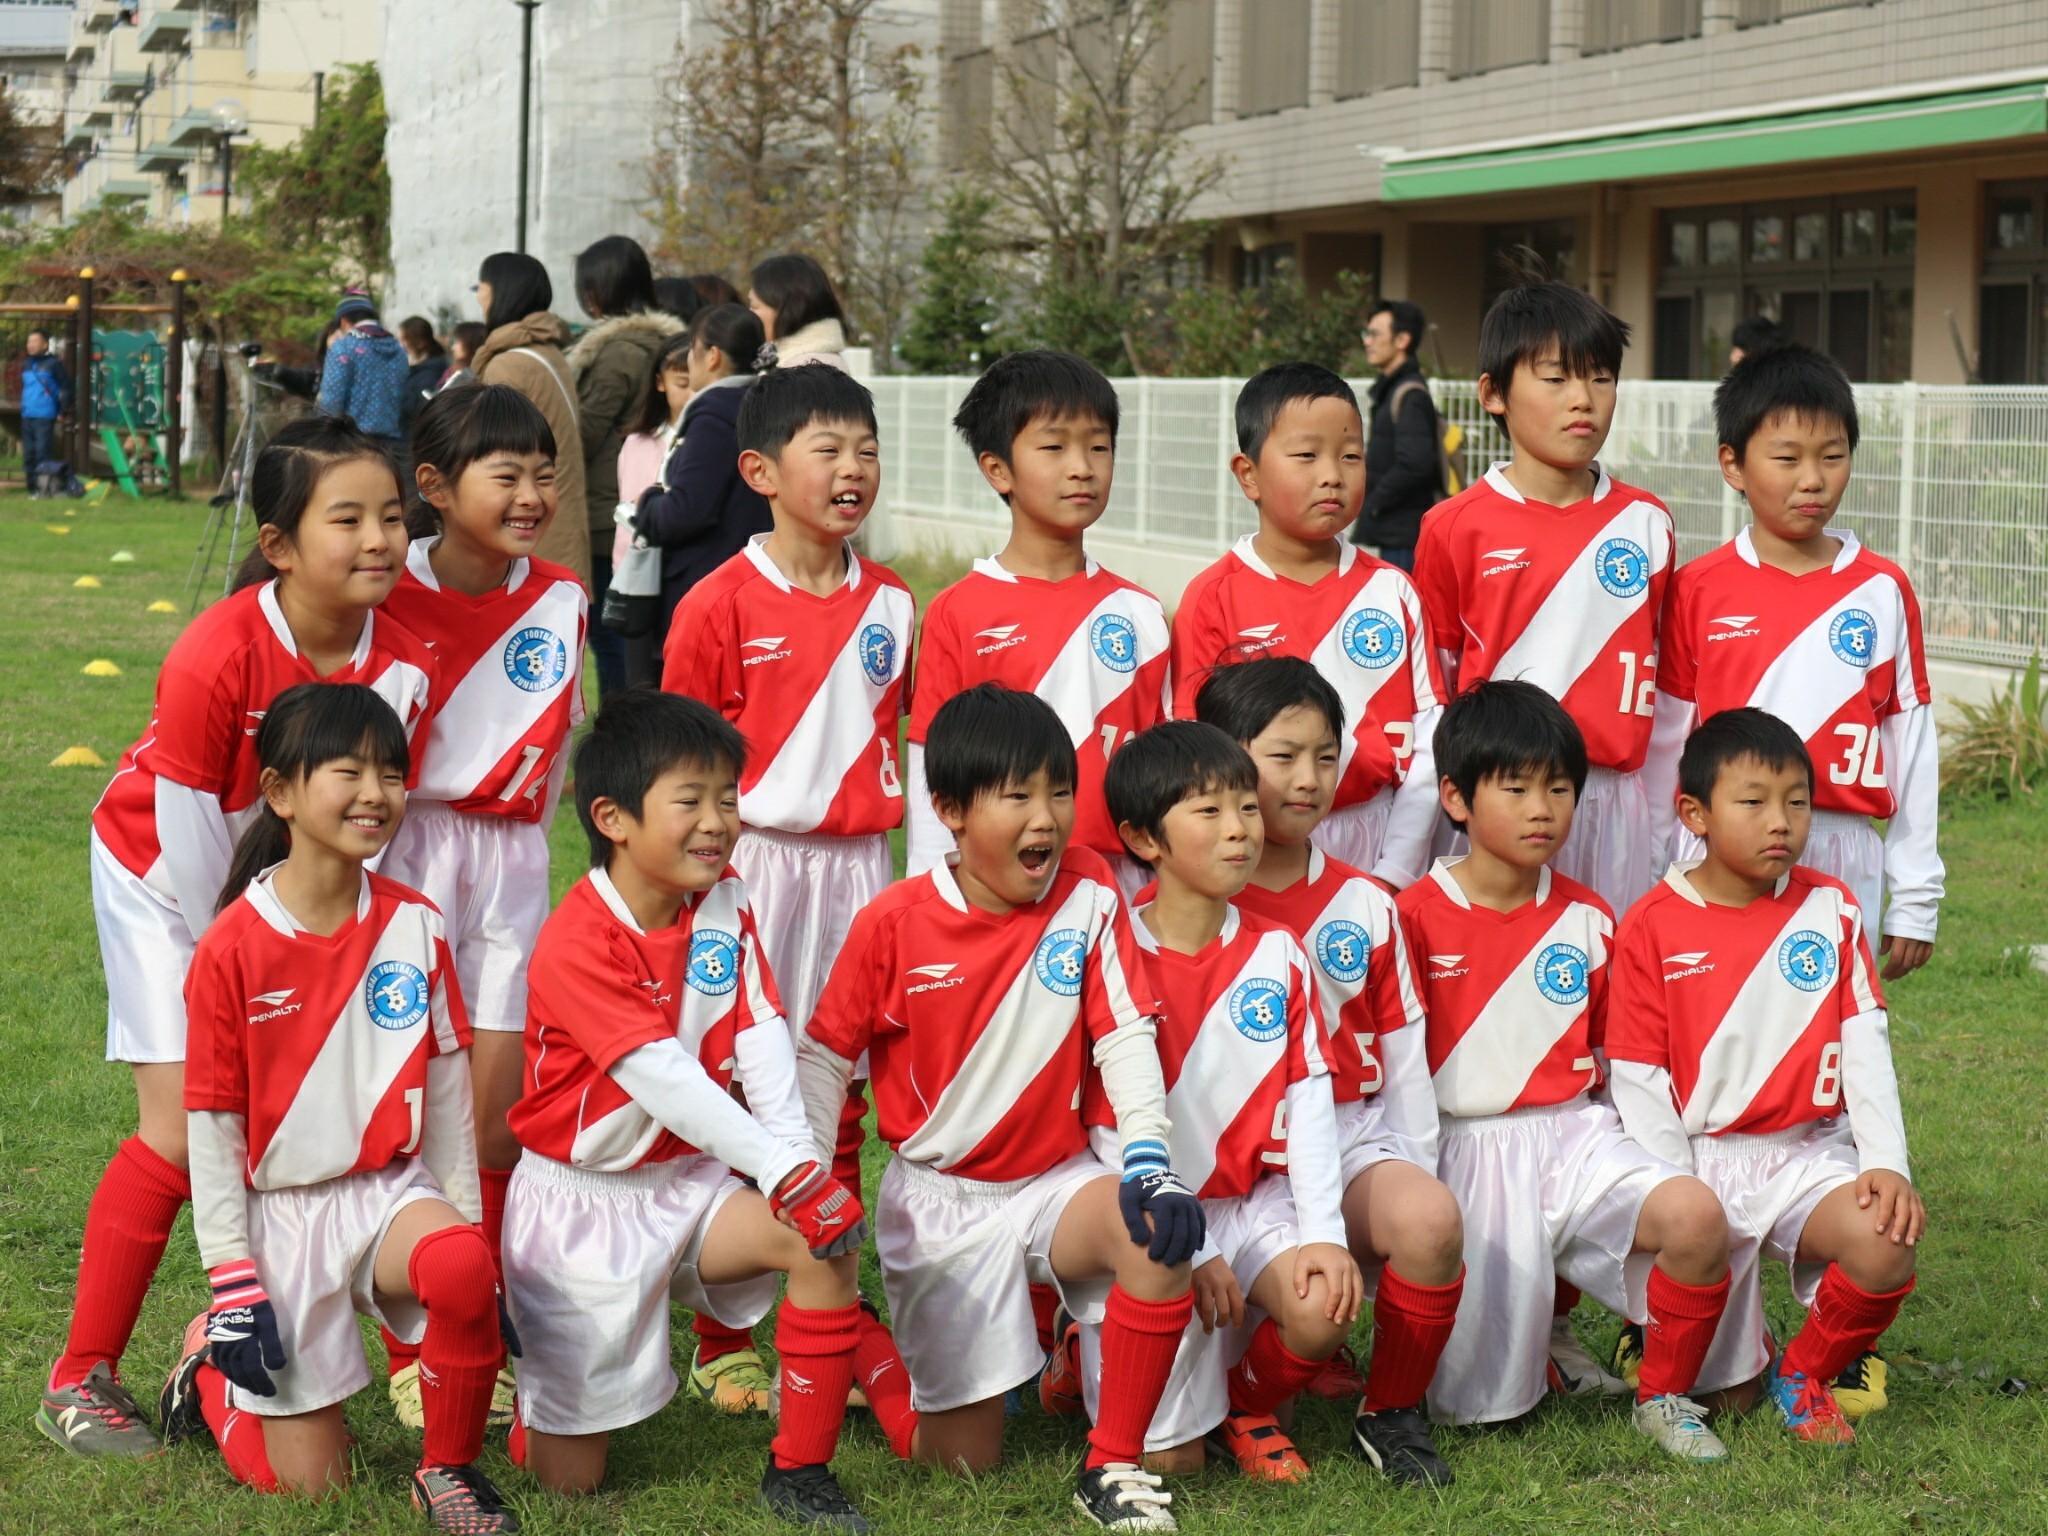 東京リーグ(東京少年サッカー連盟 公式サイト)